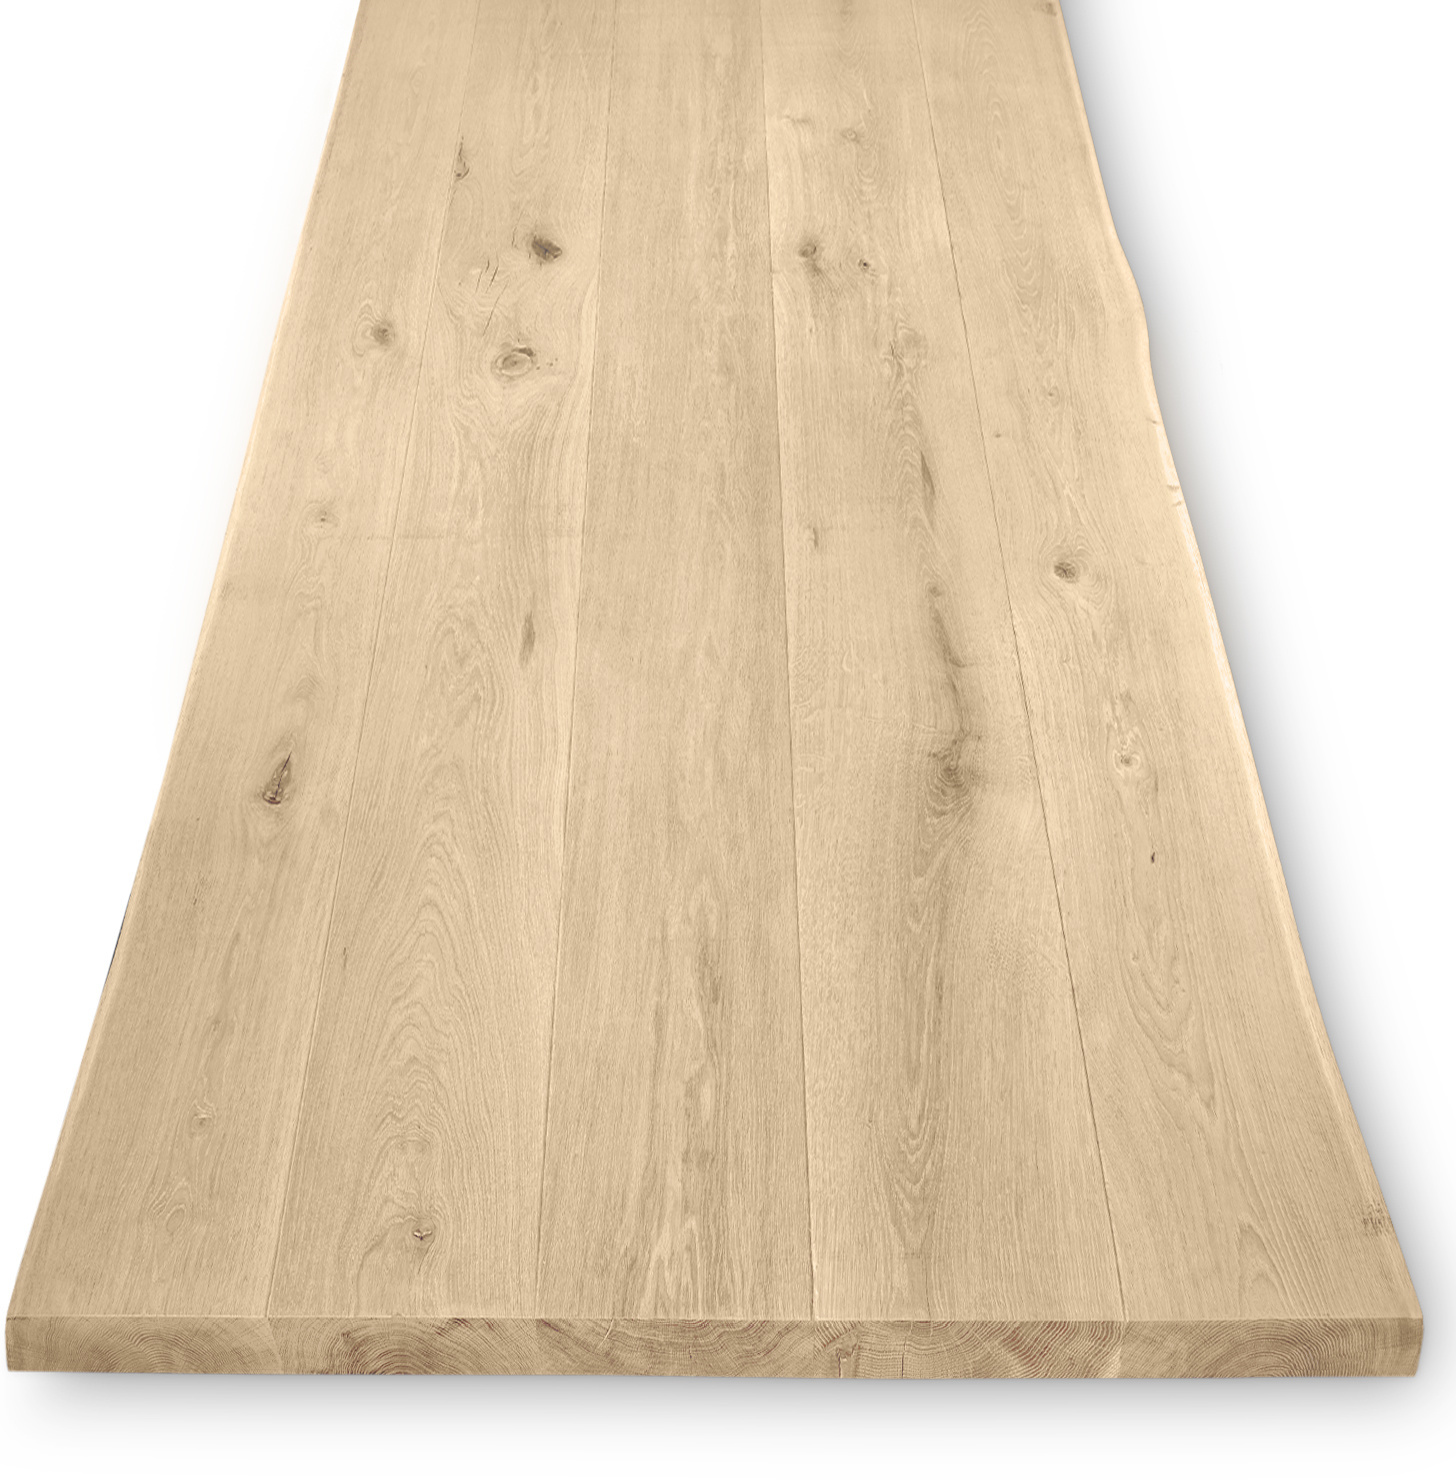 Tischplatte Wildeiche baumkante - 4,5 cm dick - verschiedene Größen - Asteiche (rustikal) - Gebürstet - Eiche Tischplatte mit  natürlichen Baumkant - Verleimt & künstlich getrocknet (HF 8-12%)